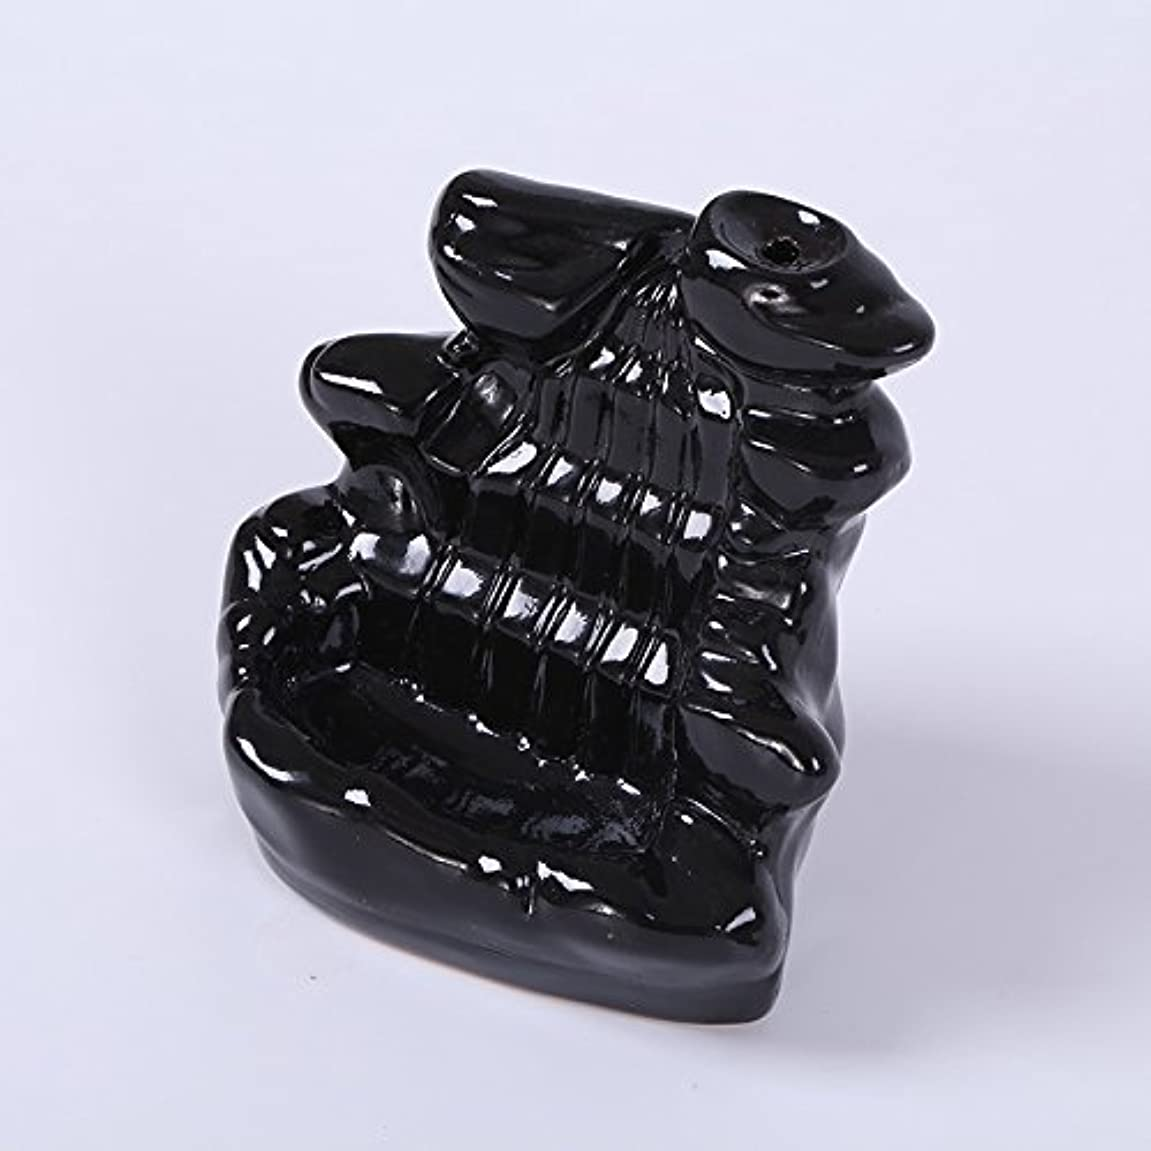 ヒープこどもの宮殿直径Kicode ブラック 滝の磁器の逆流 セラミックコーン 香炉 ホルダー仏教ホームオフィスデコレーション